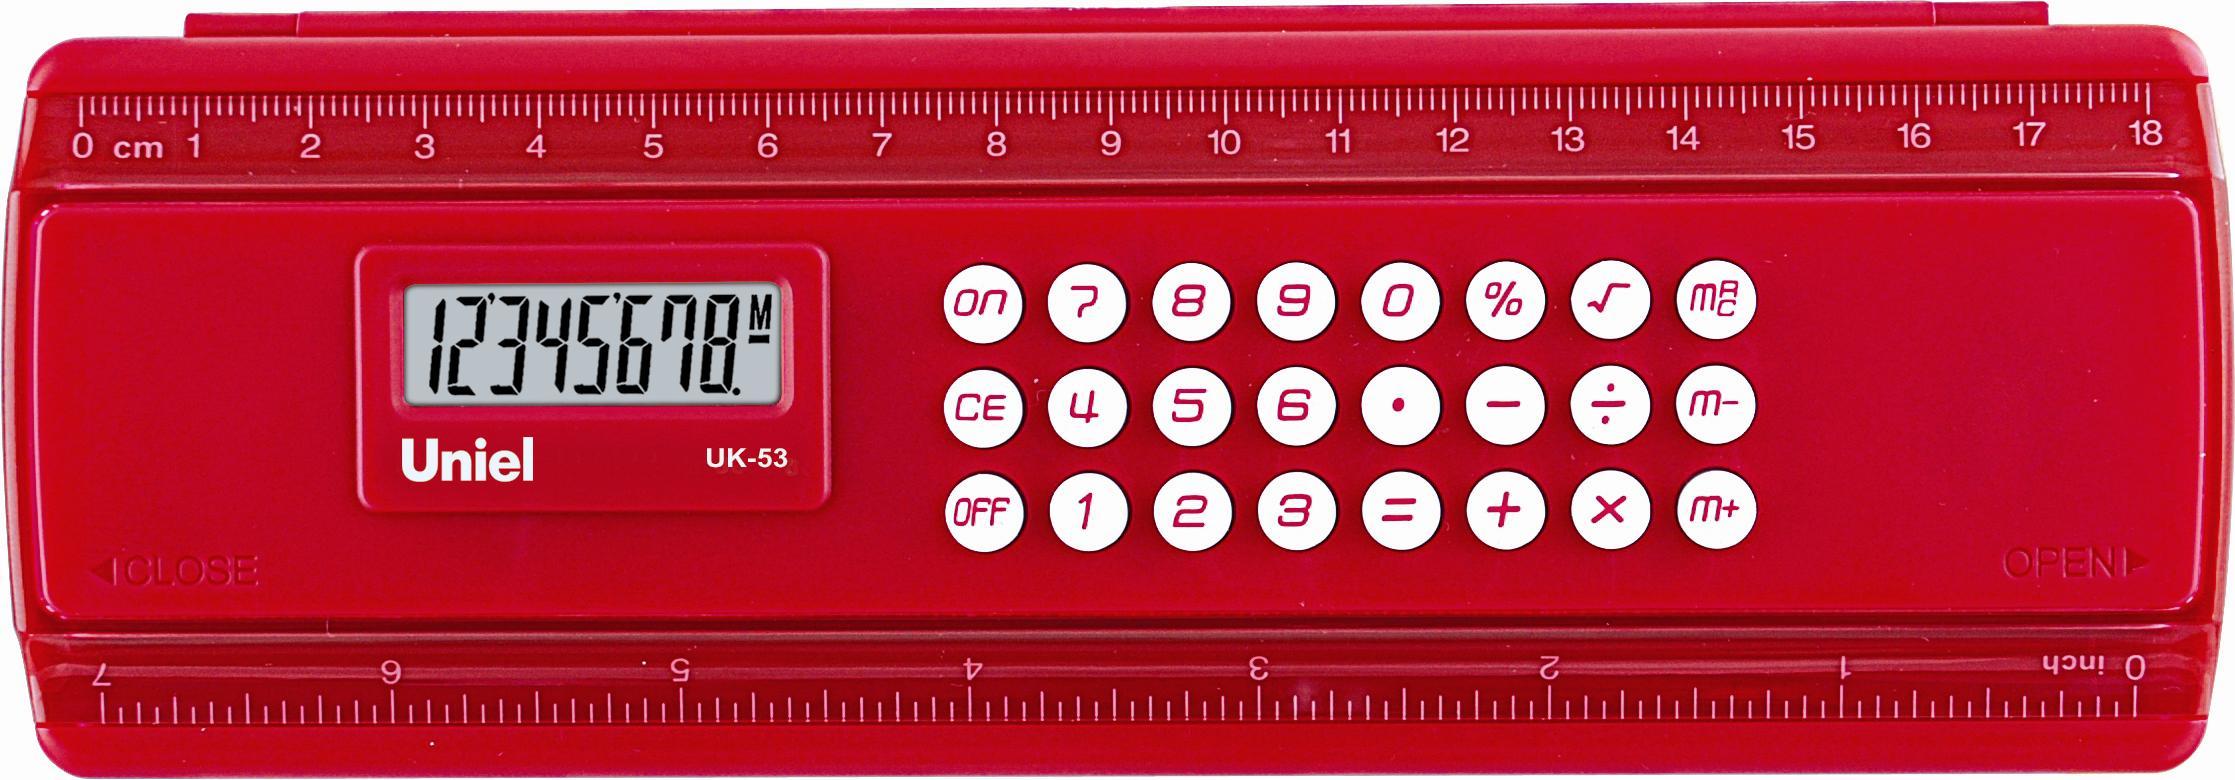 Калькулятор-пенал 8 разр. Uniel красный